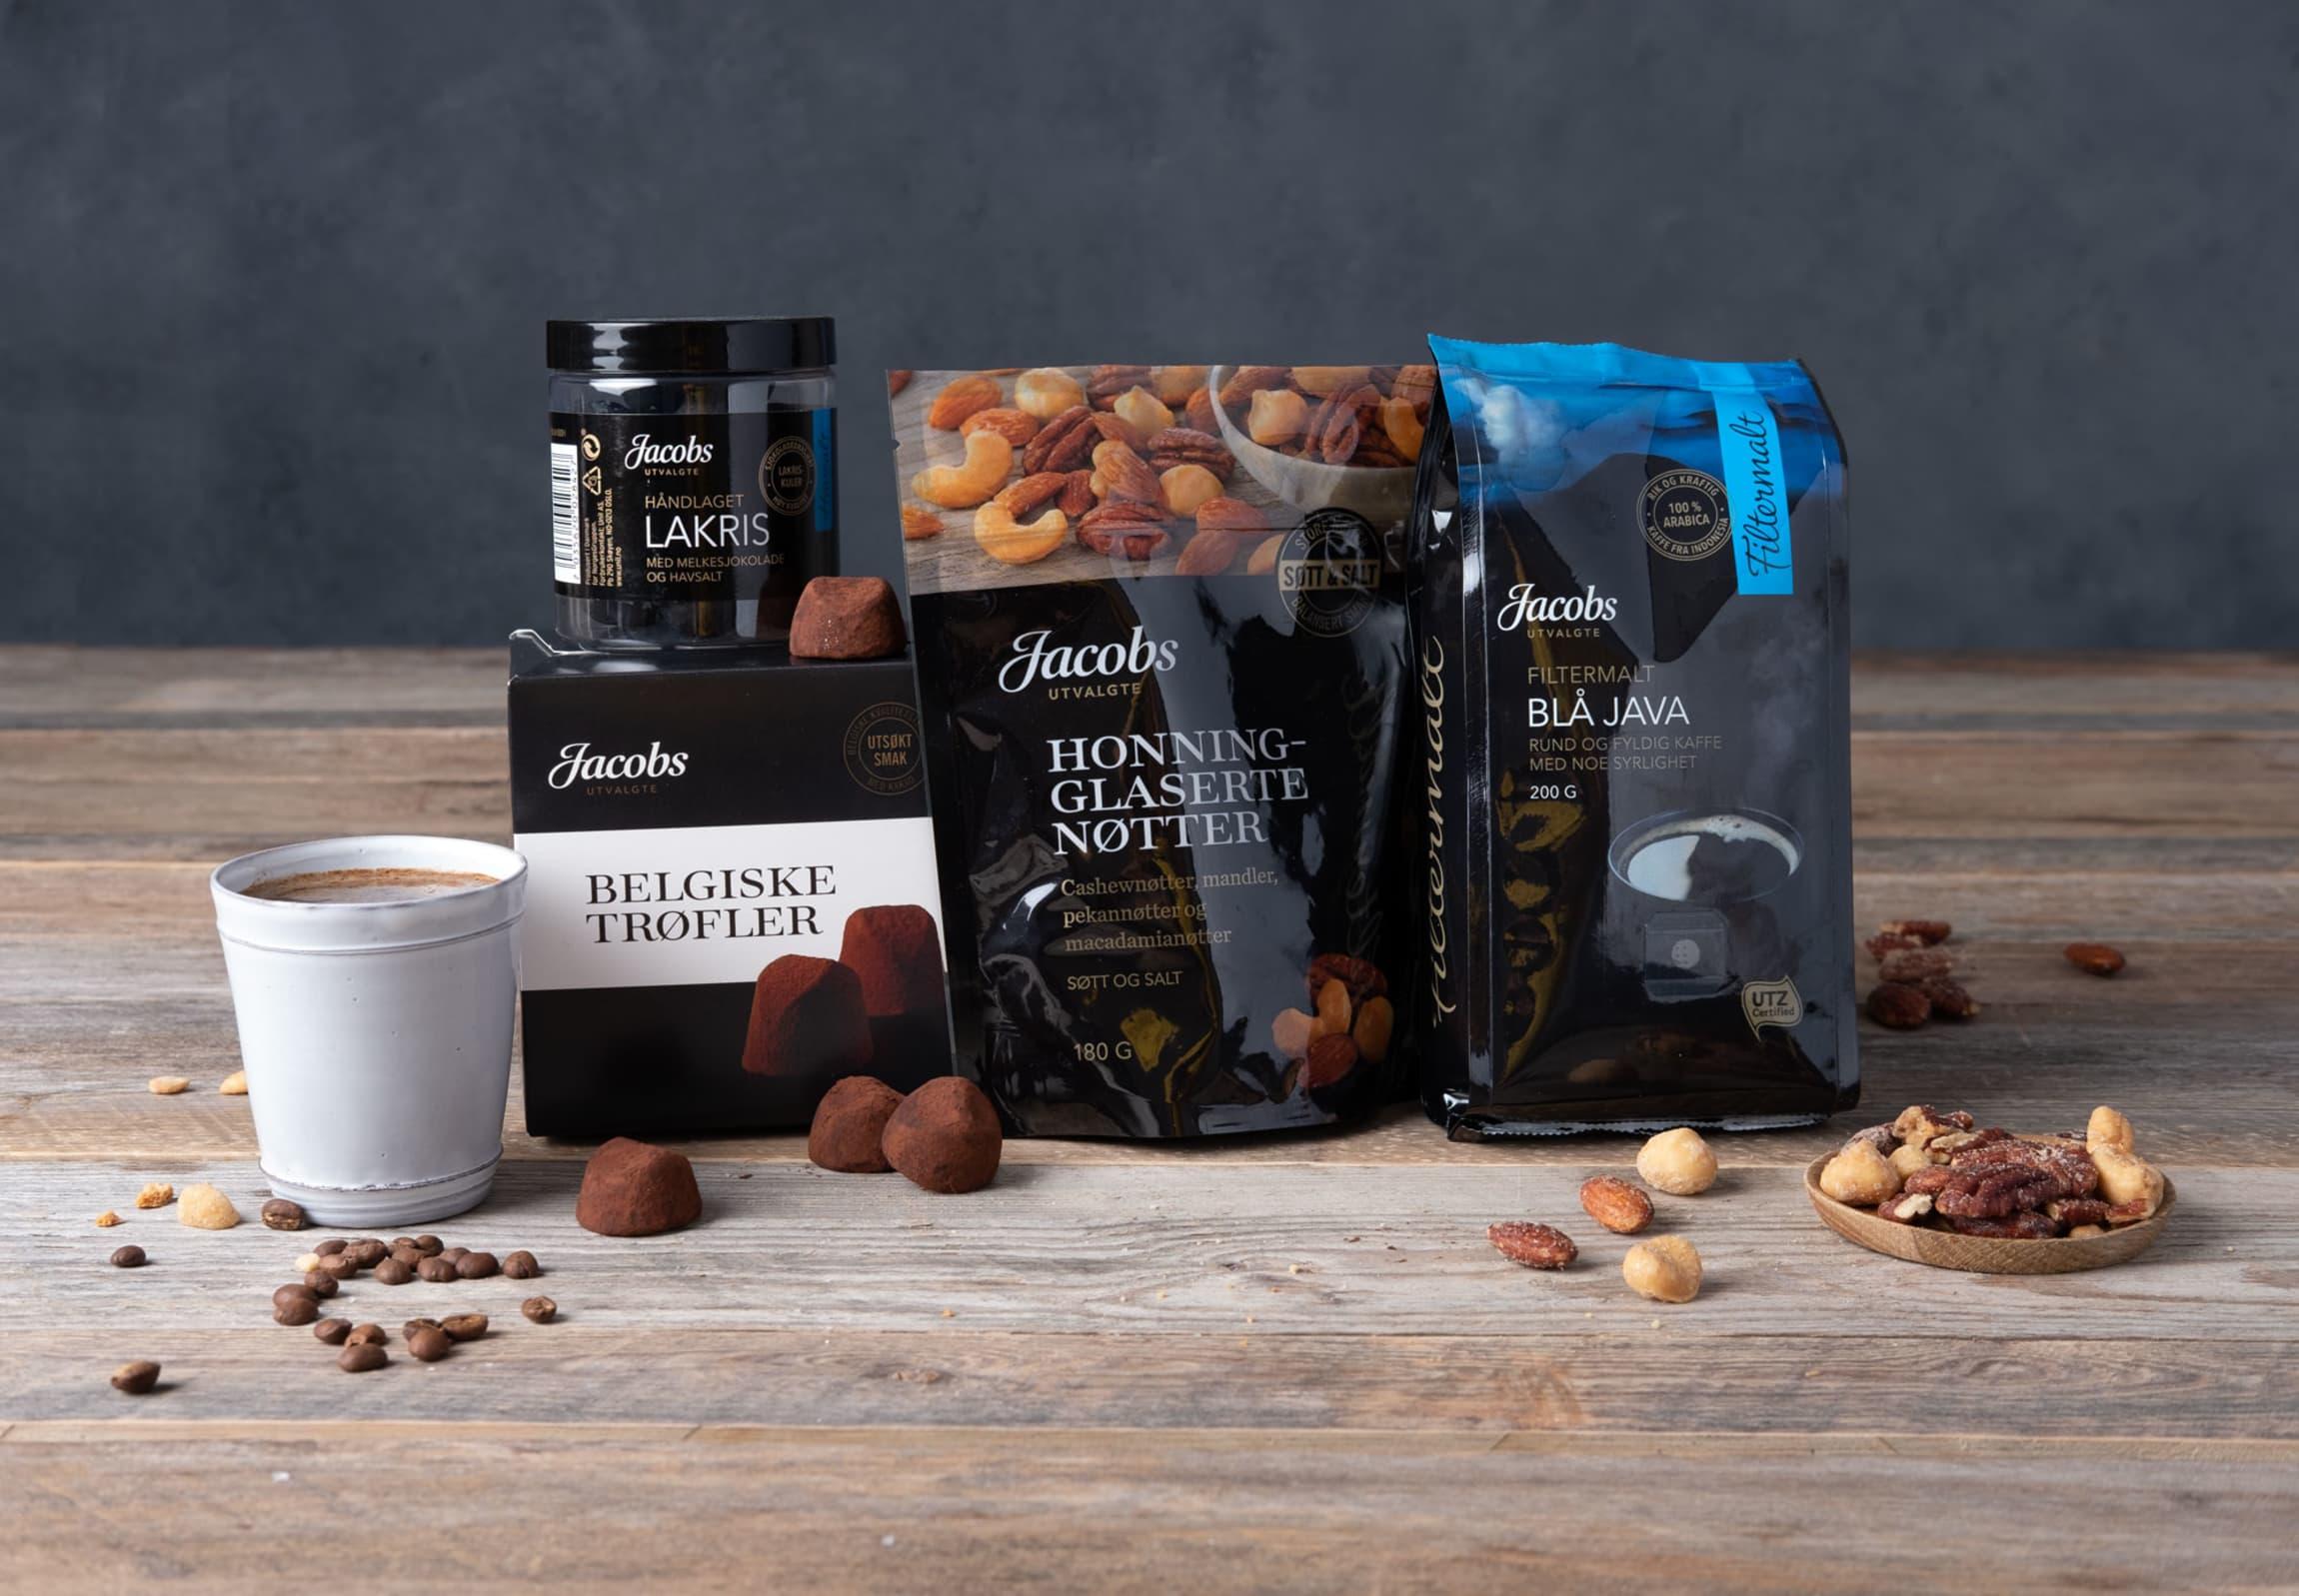 Jacobs Utvalgte nøtter kommer i to varianter, Cahewdamia nøttemix og Honningglasserte nøtter (bildet).